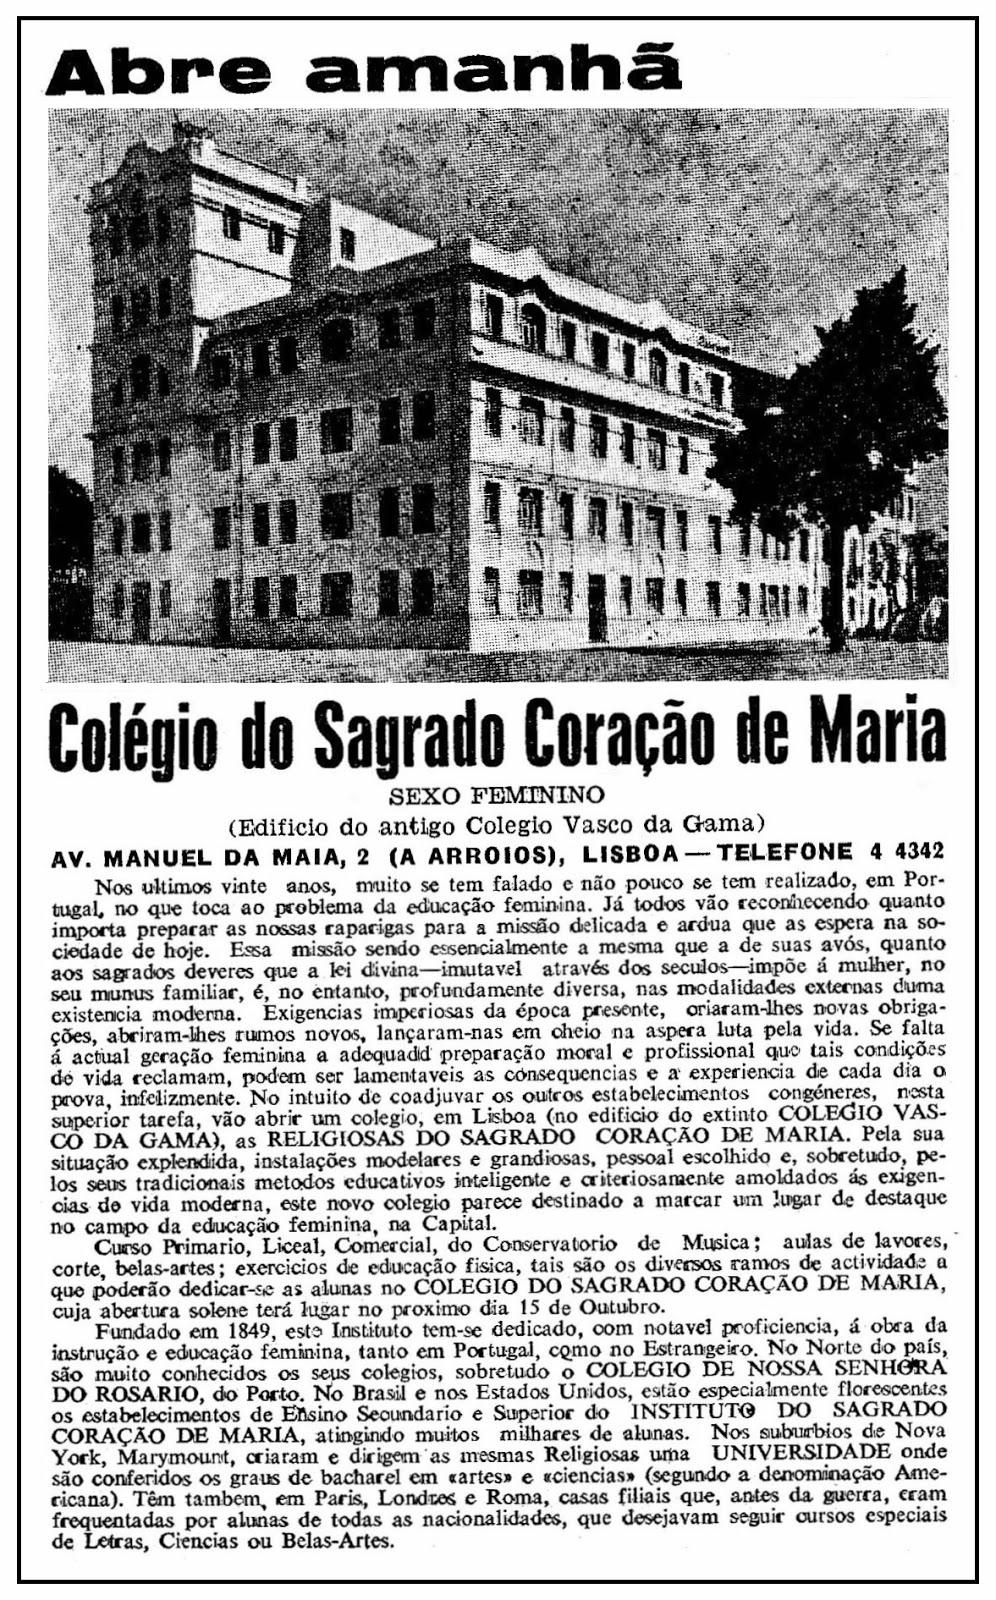 [1941-Colgio-sagrado-Corao-de-Maria-1%5B1%5D]